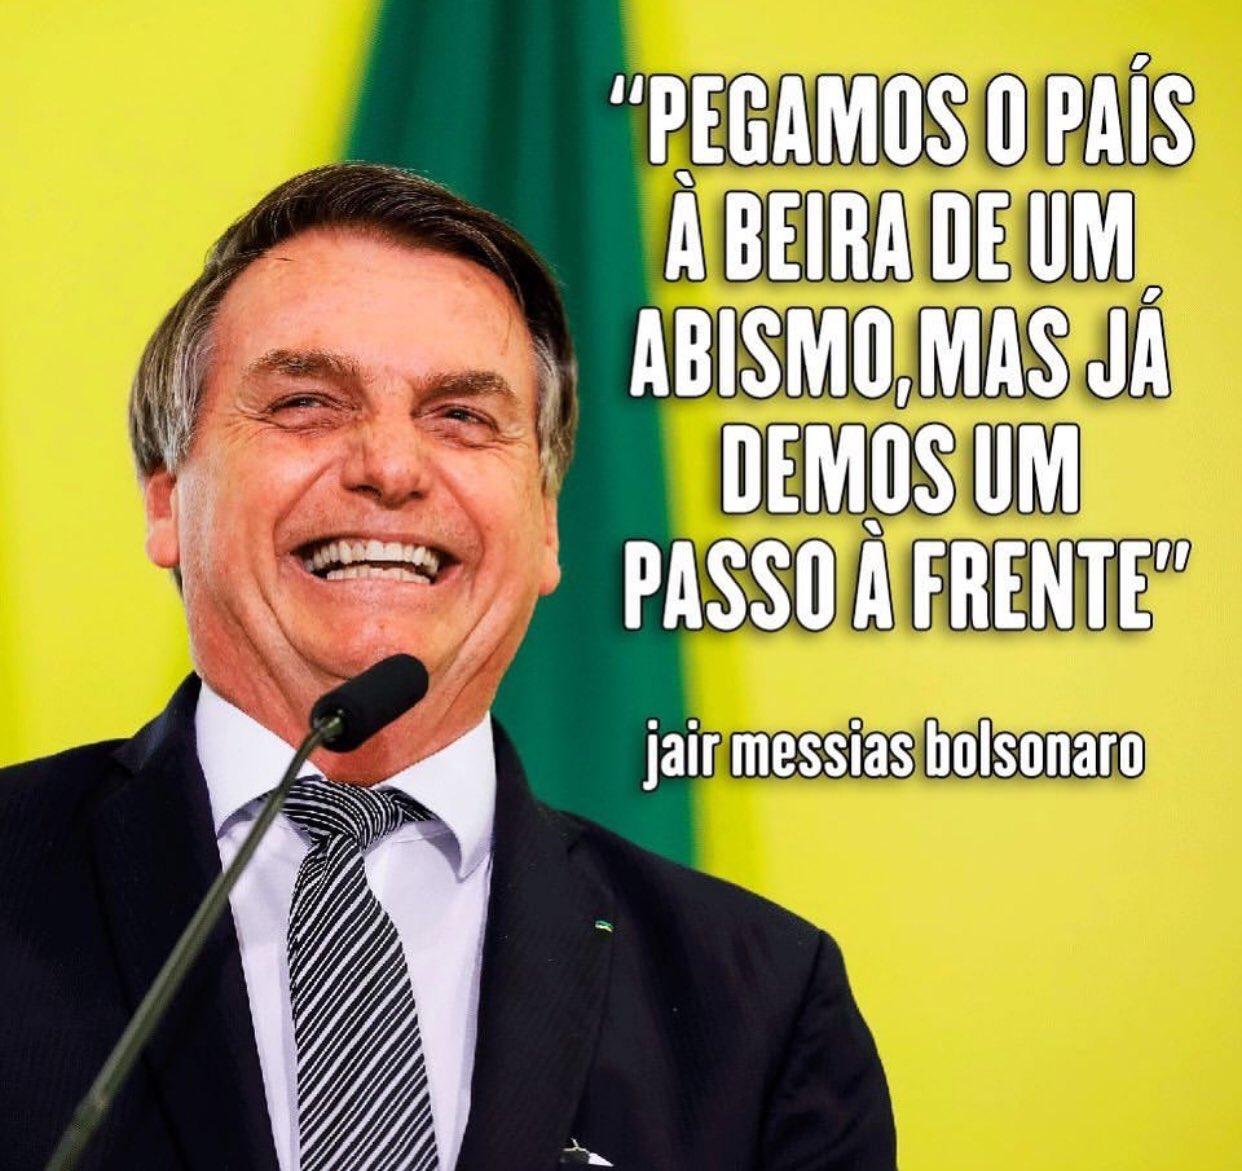 Jair Bolsonaro disse que o país estava à beira de um abismo, mas ...